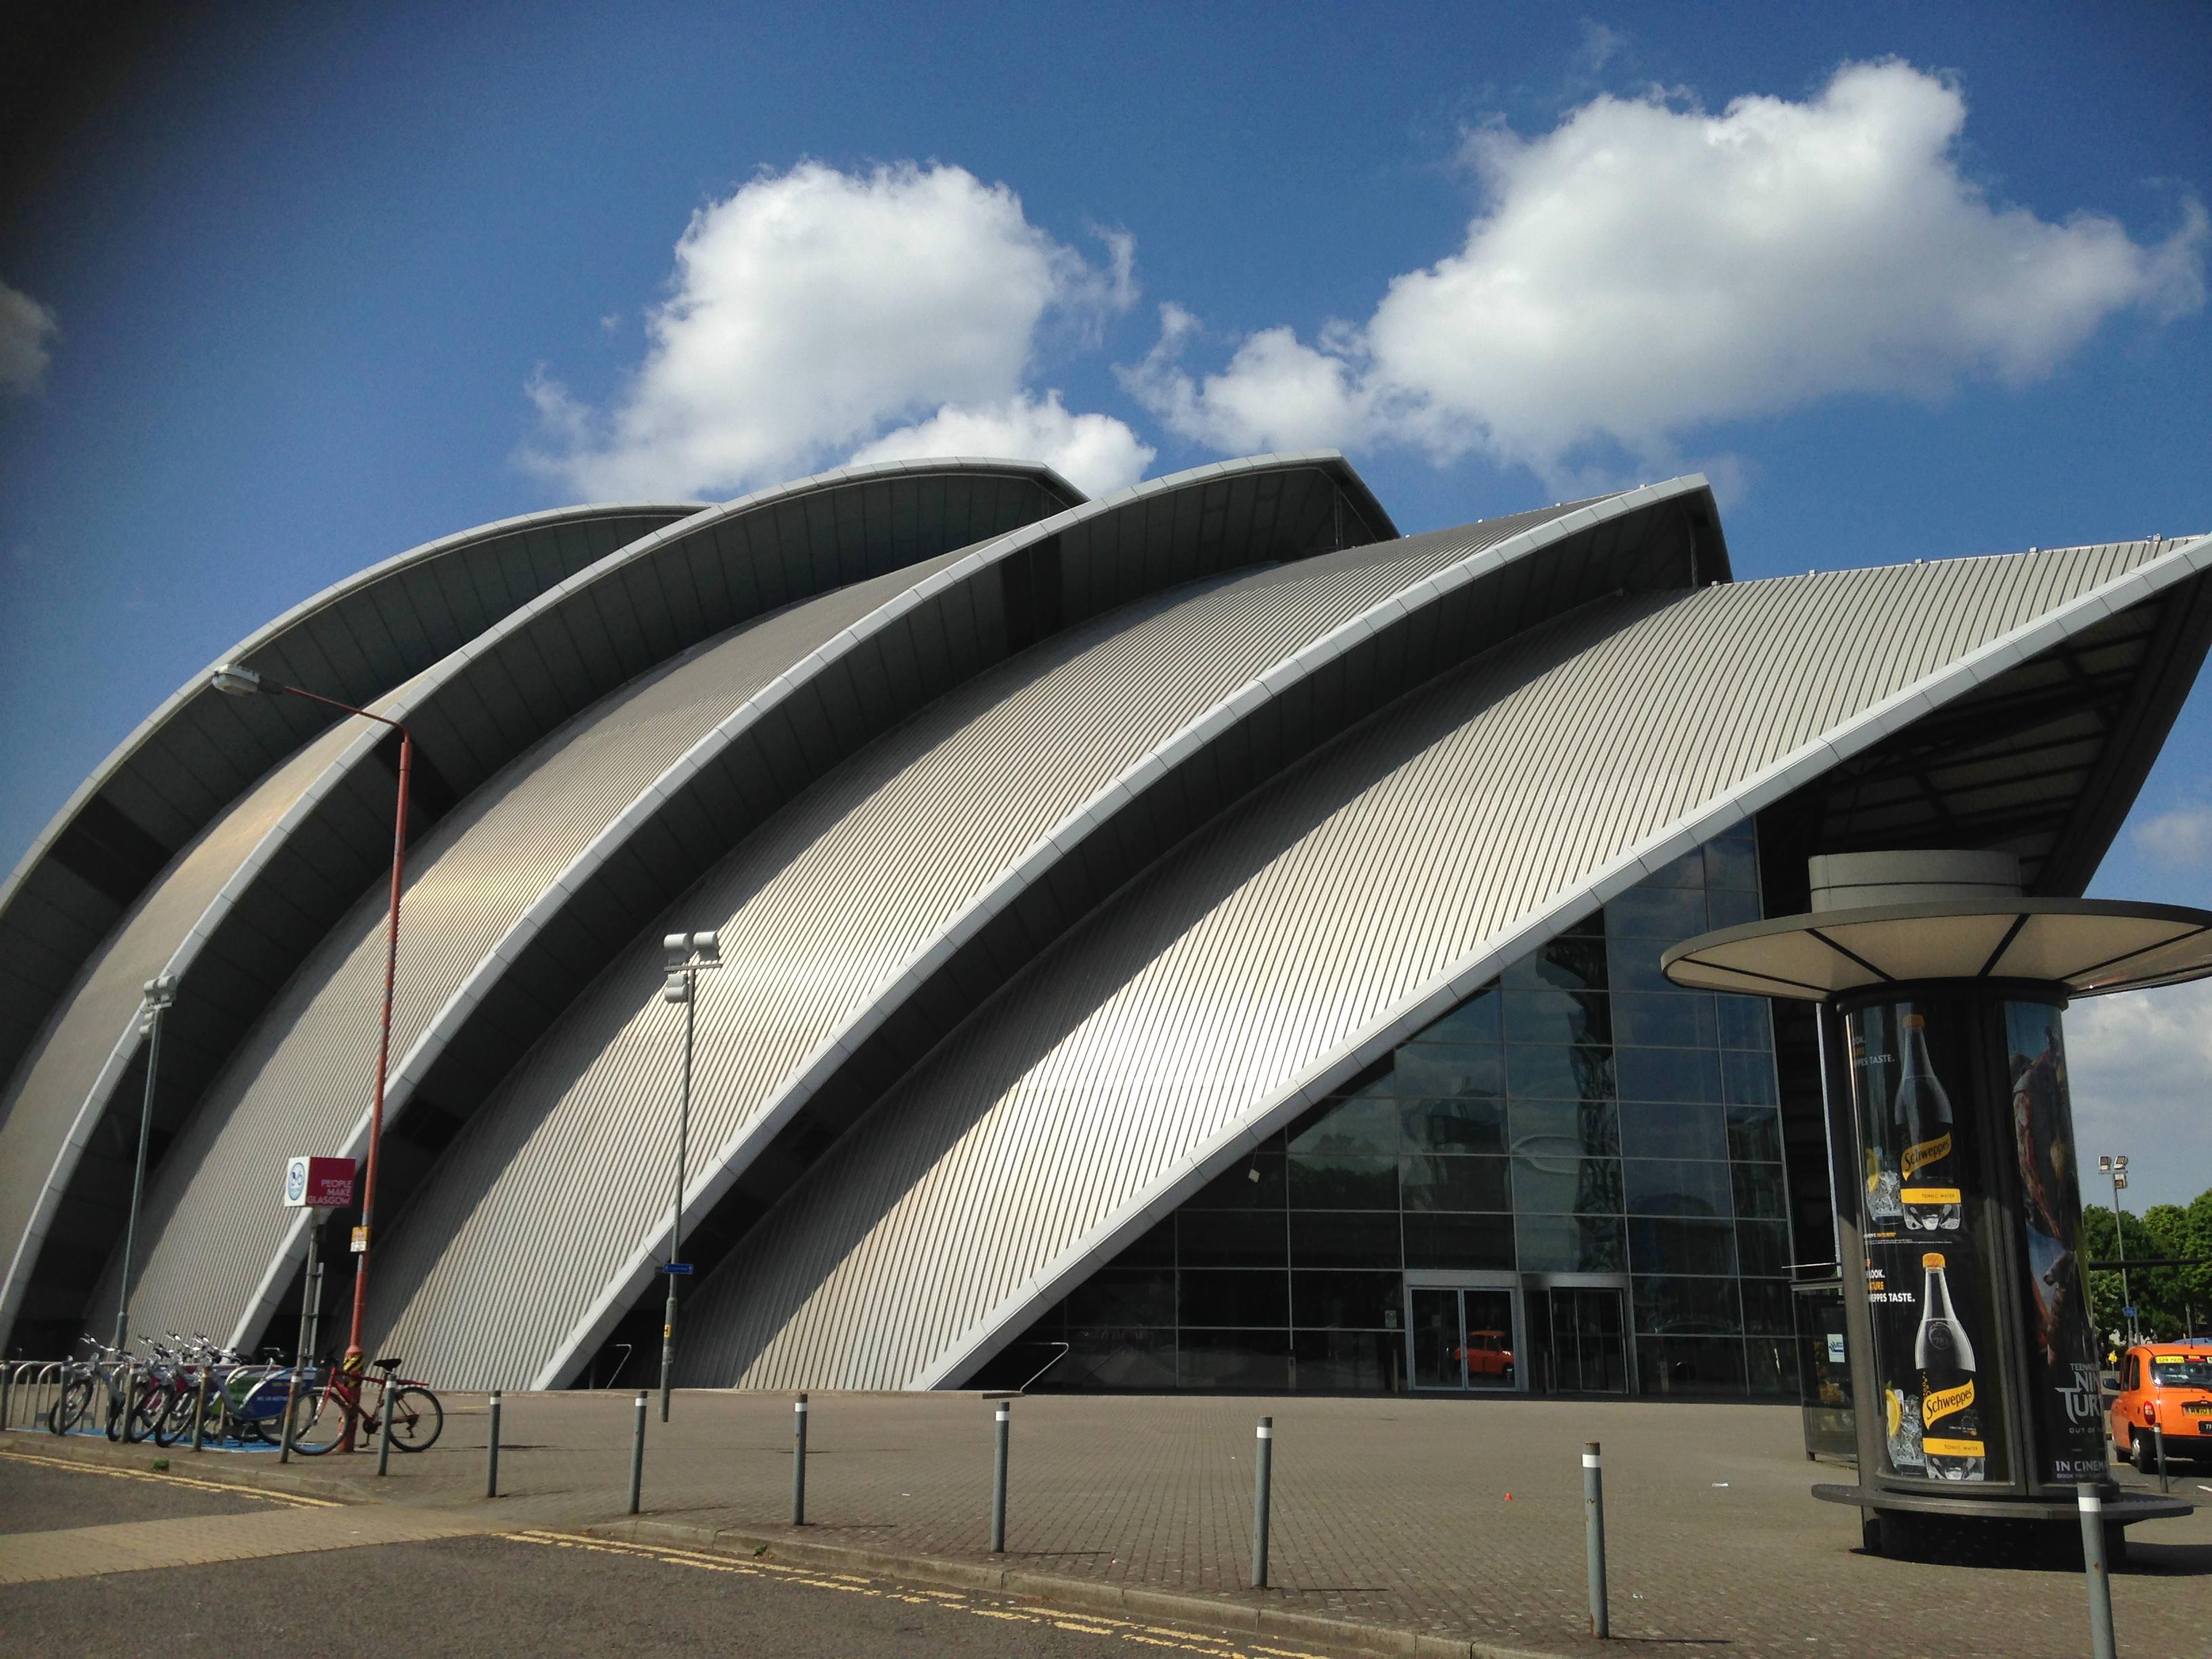 Amardillo Glasgow